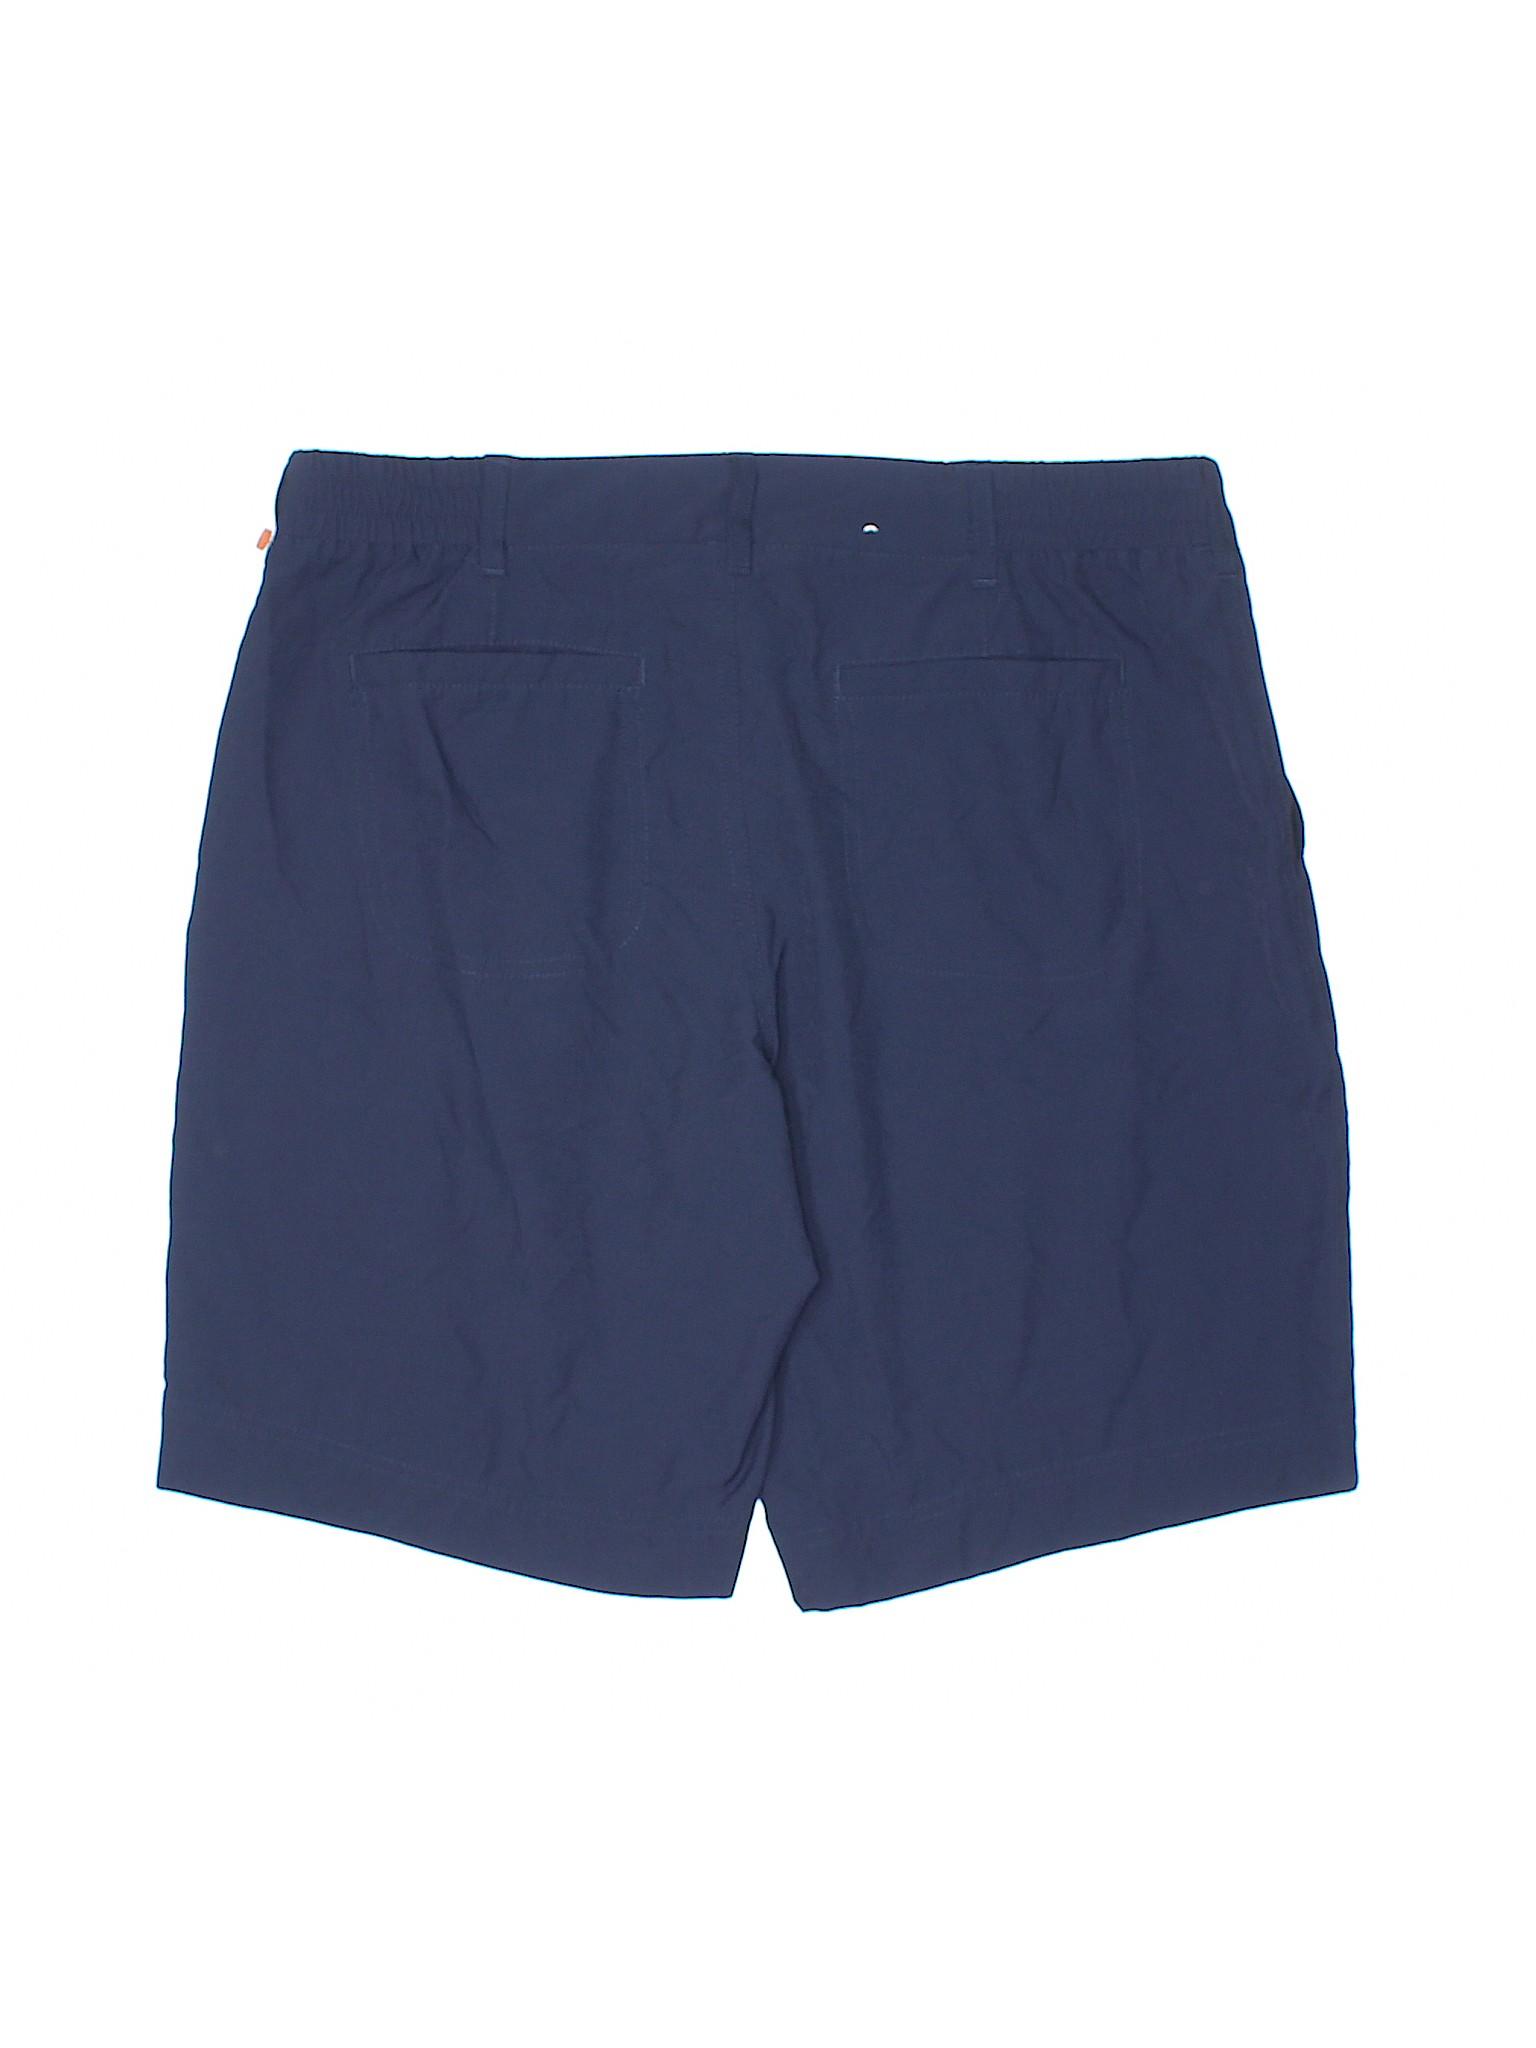 32 Boutique 32 Shorts Degrees Degrees Athletic Boutique x6wv5EUqz